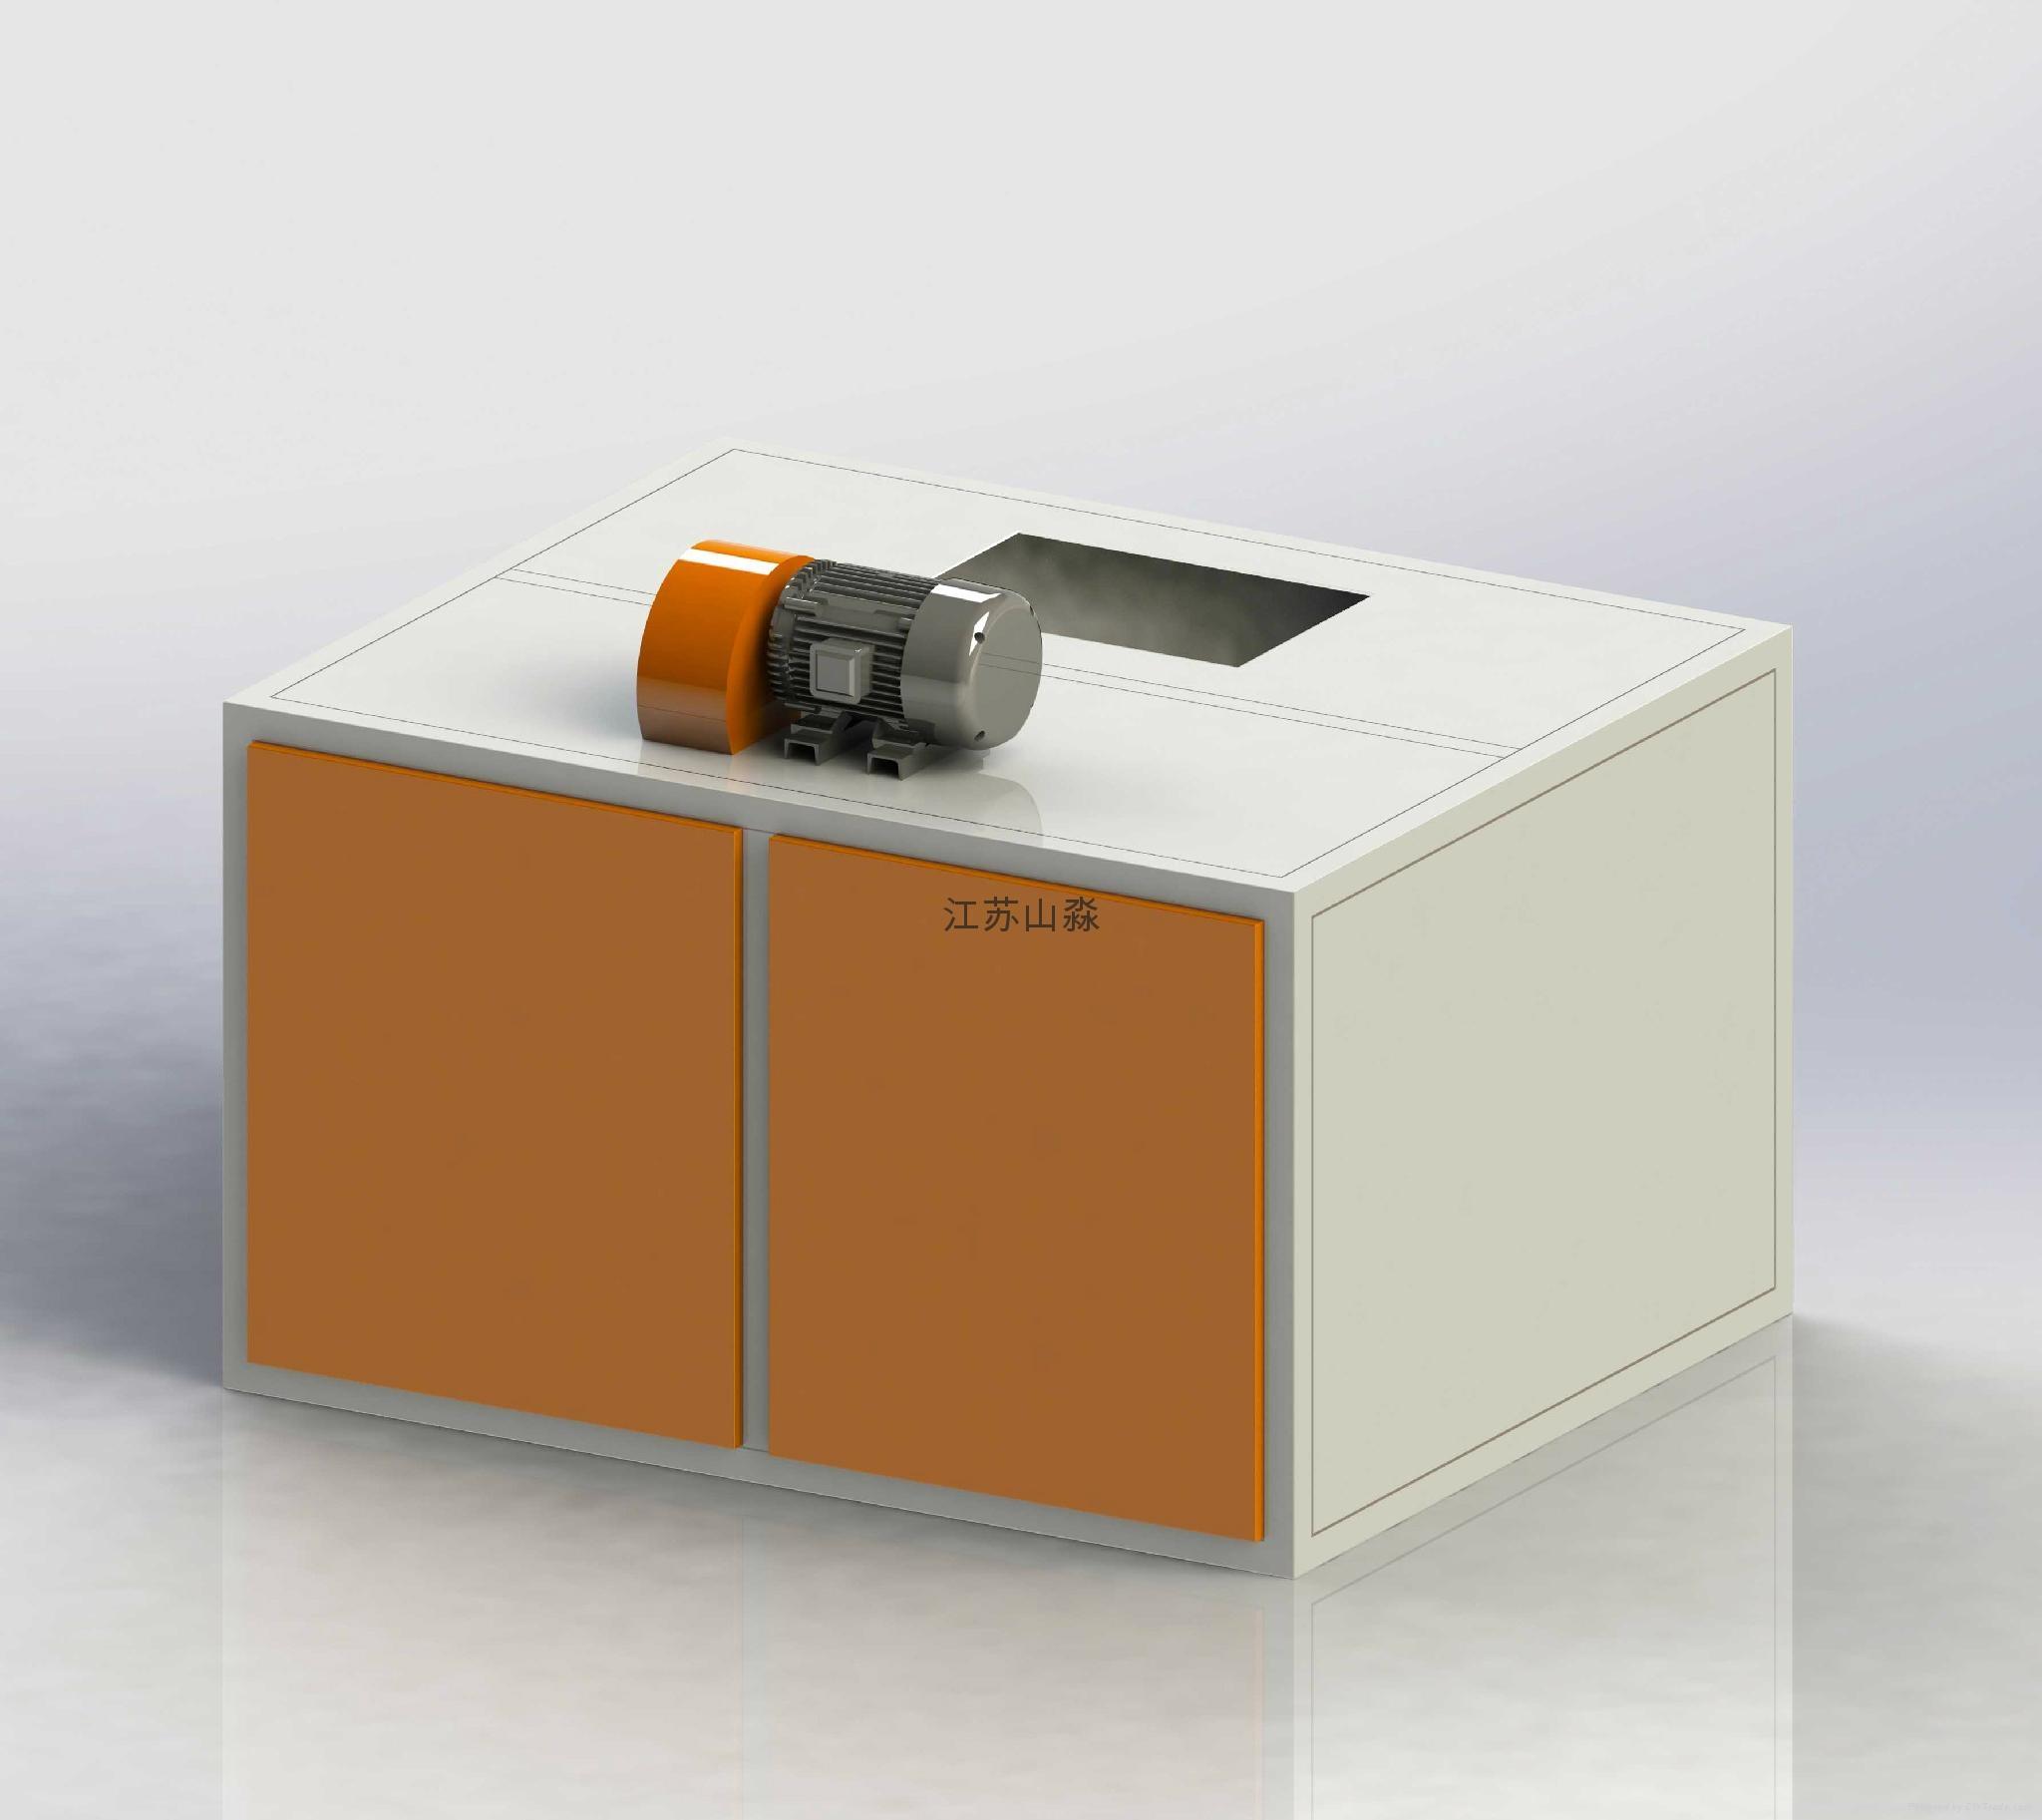 供應山淼SM-VPC 4S店汽車噴漆維修有機廢氣處理成套設備 1